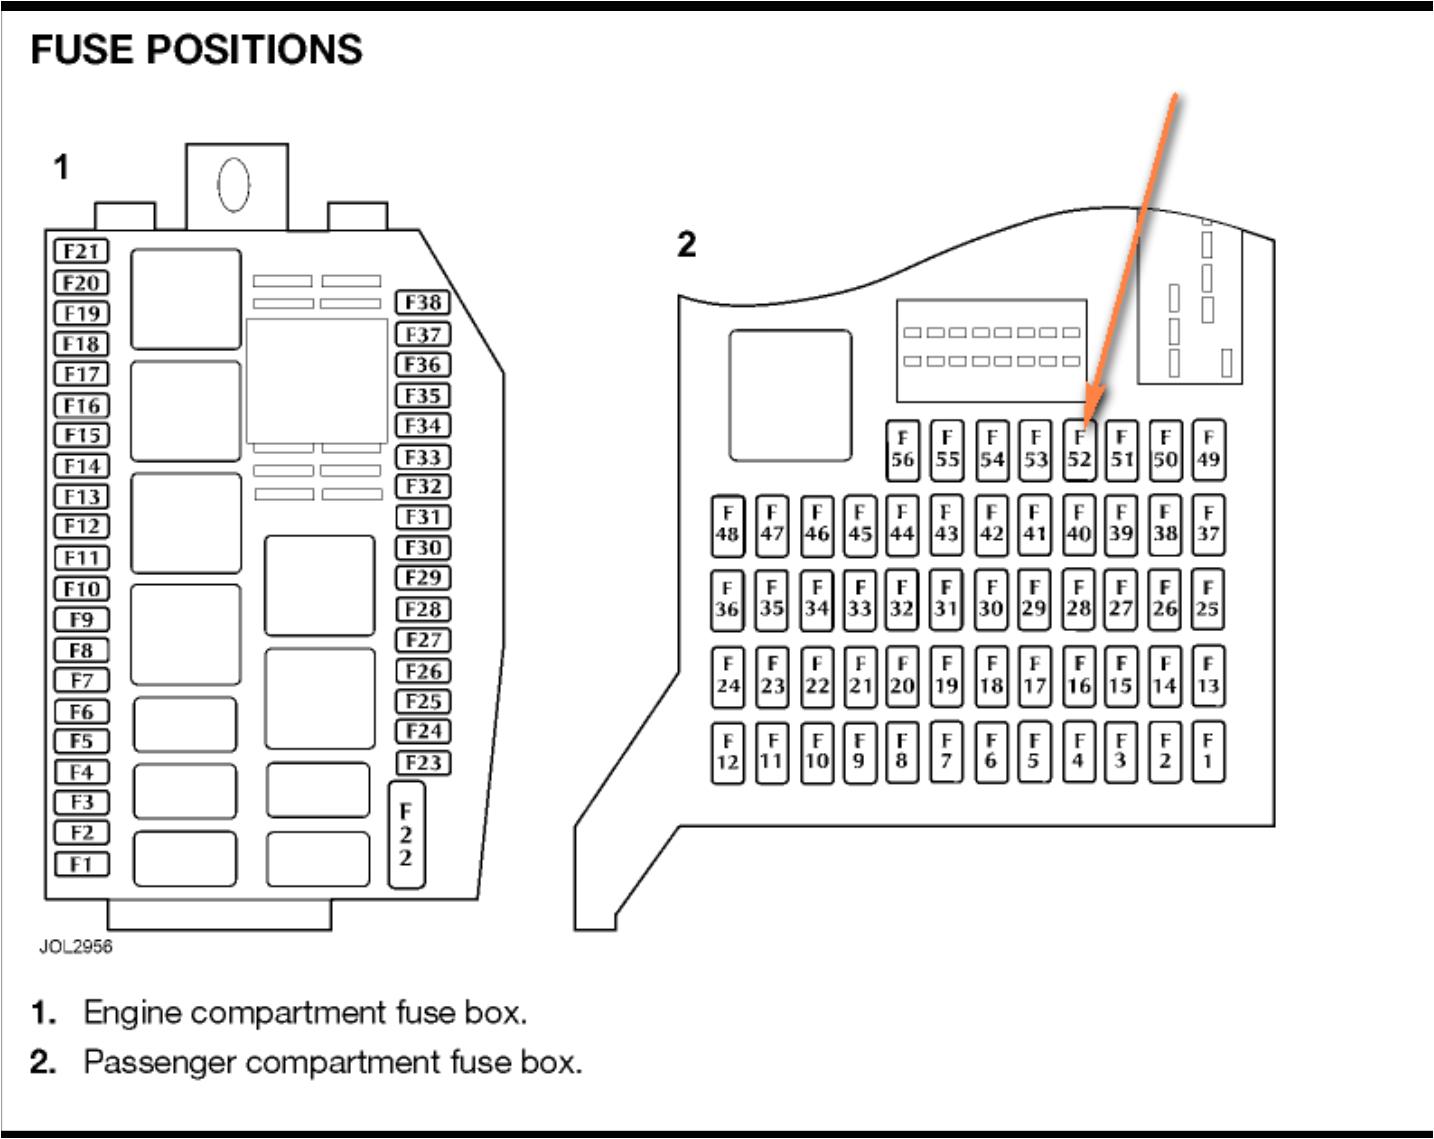 2005 jaguar x type fuse box diagram wiring diagram mega jaguar xk8 fuse diagram 2002 x